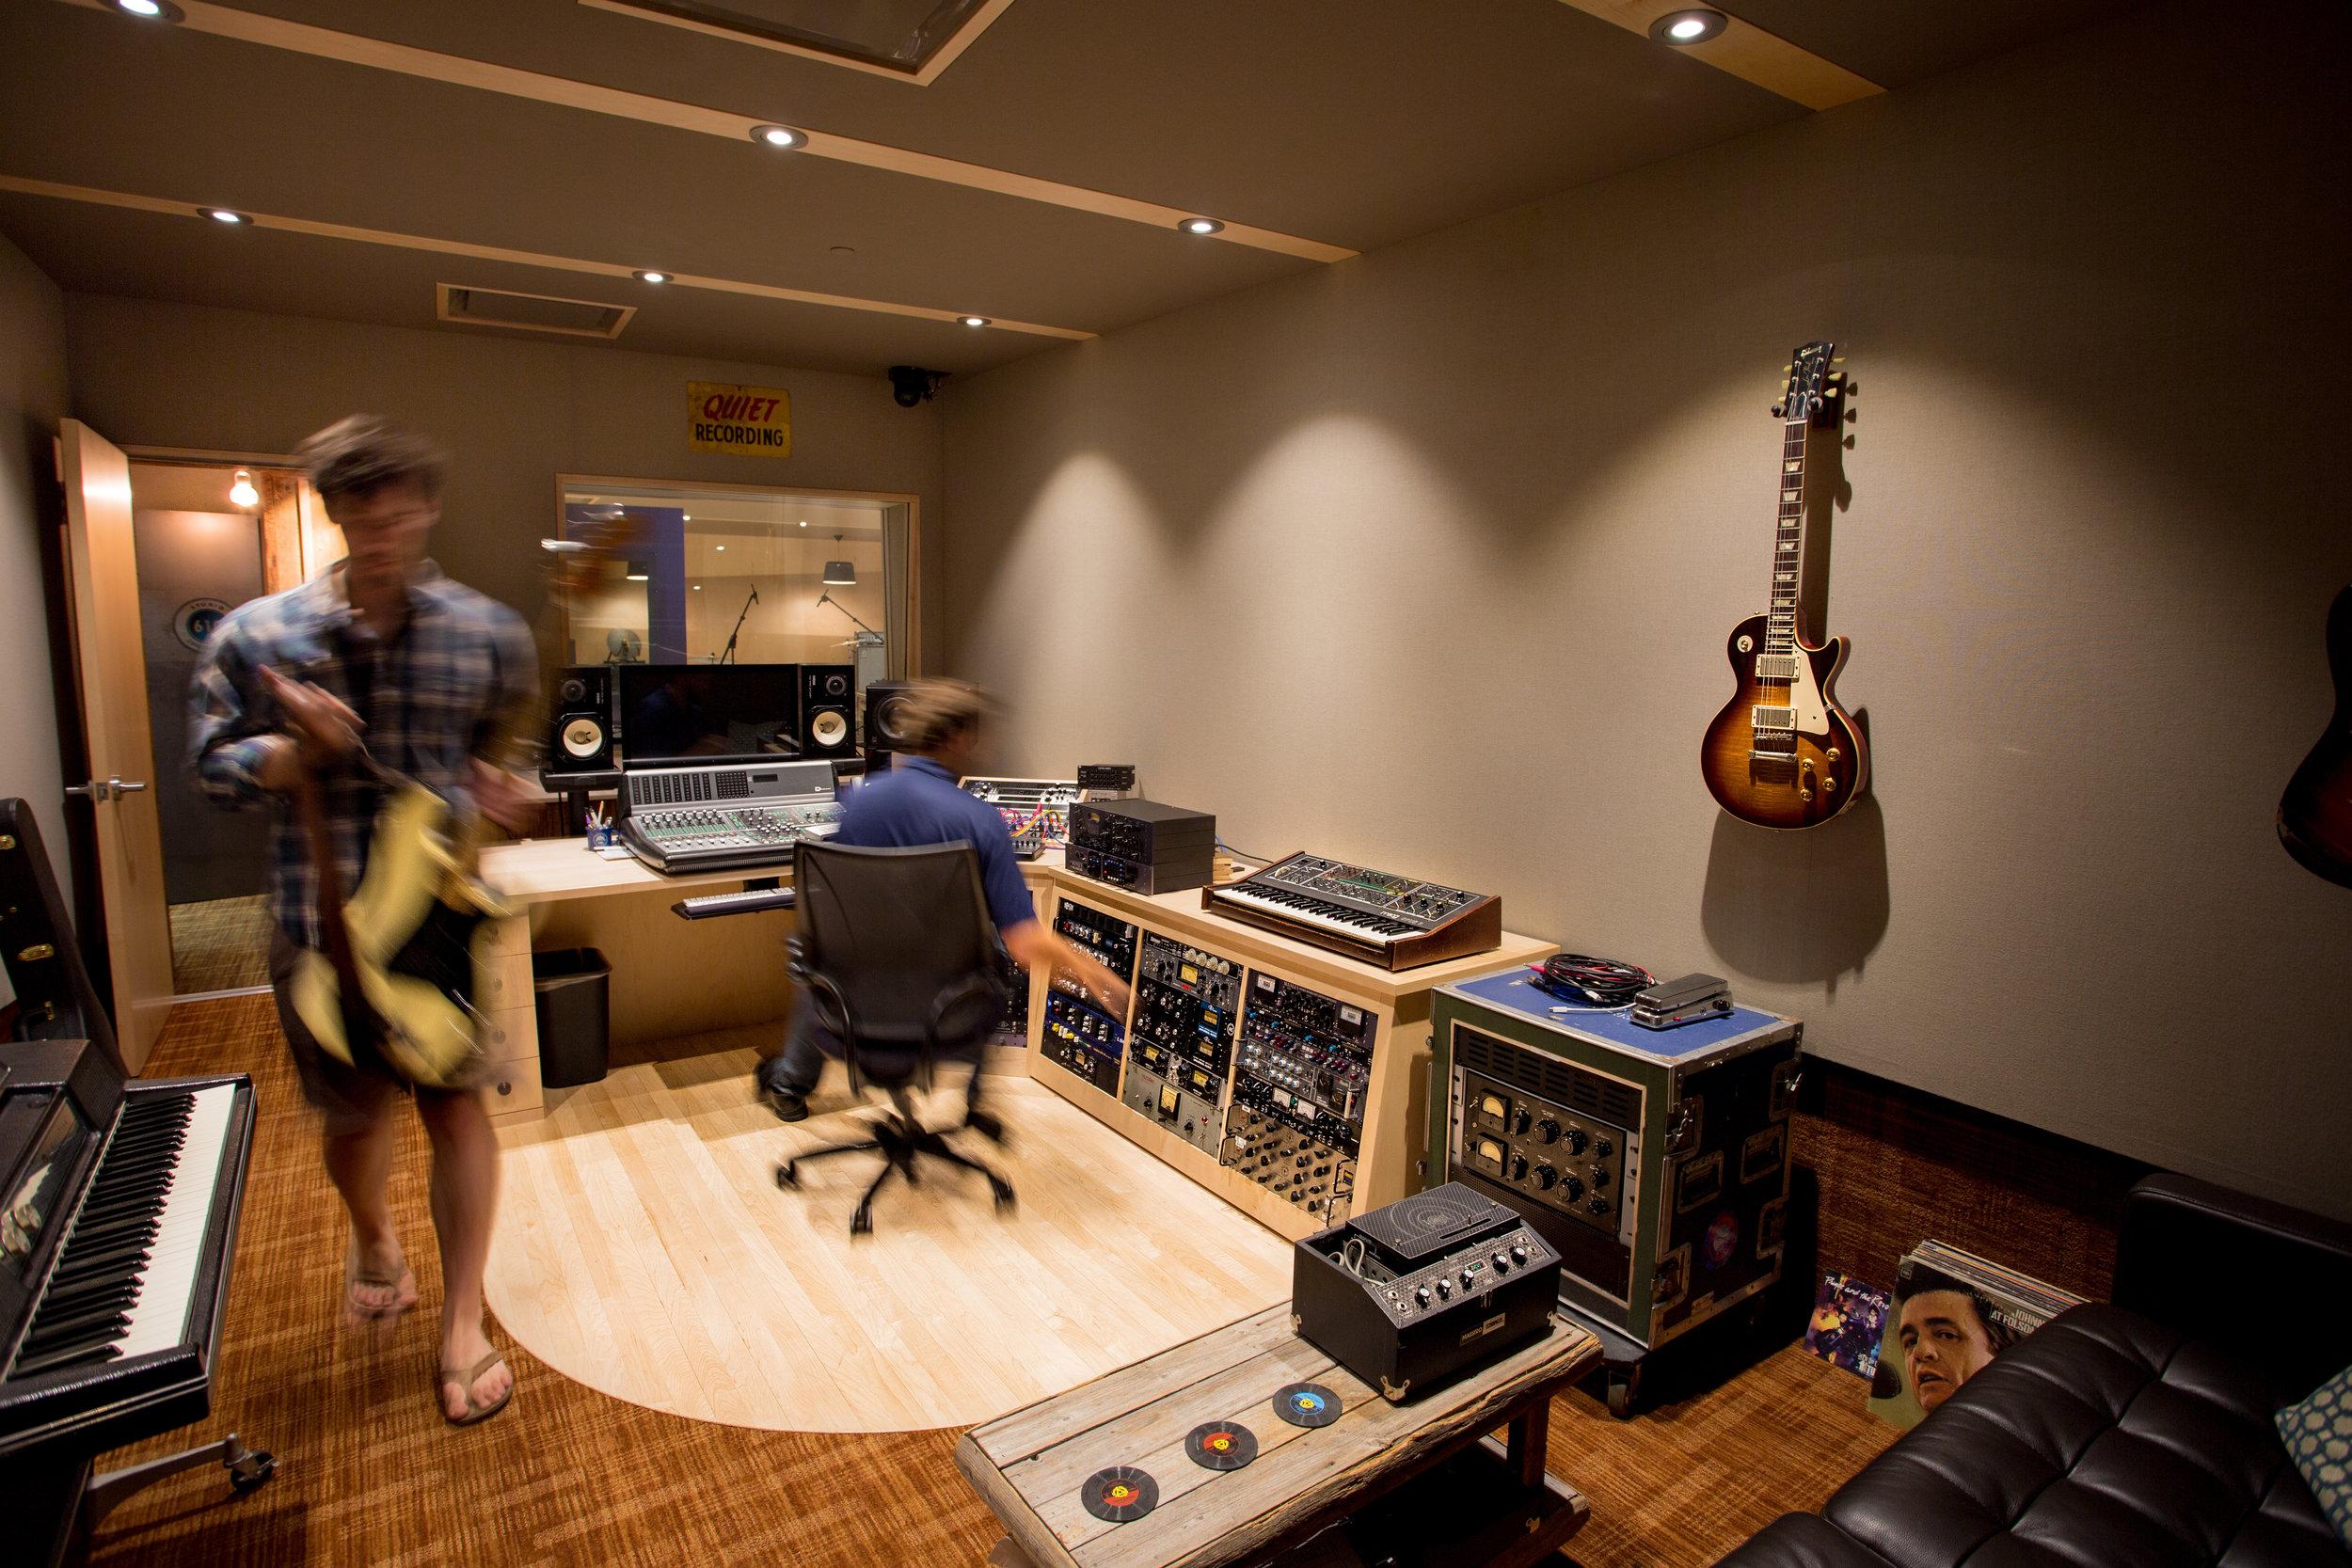 Universal Audio Recording Interior Design